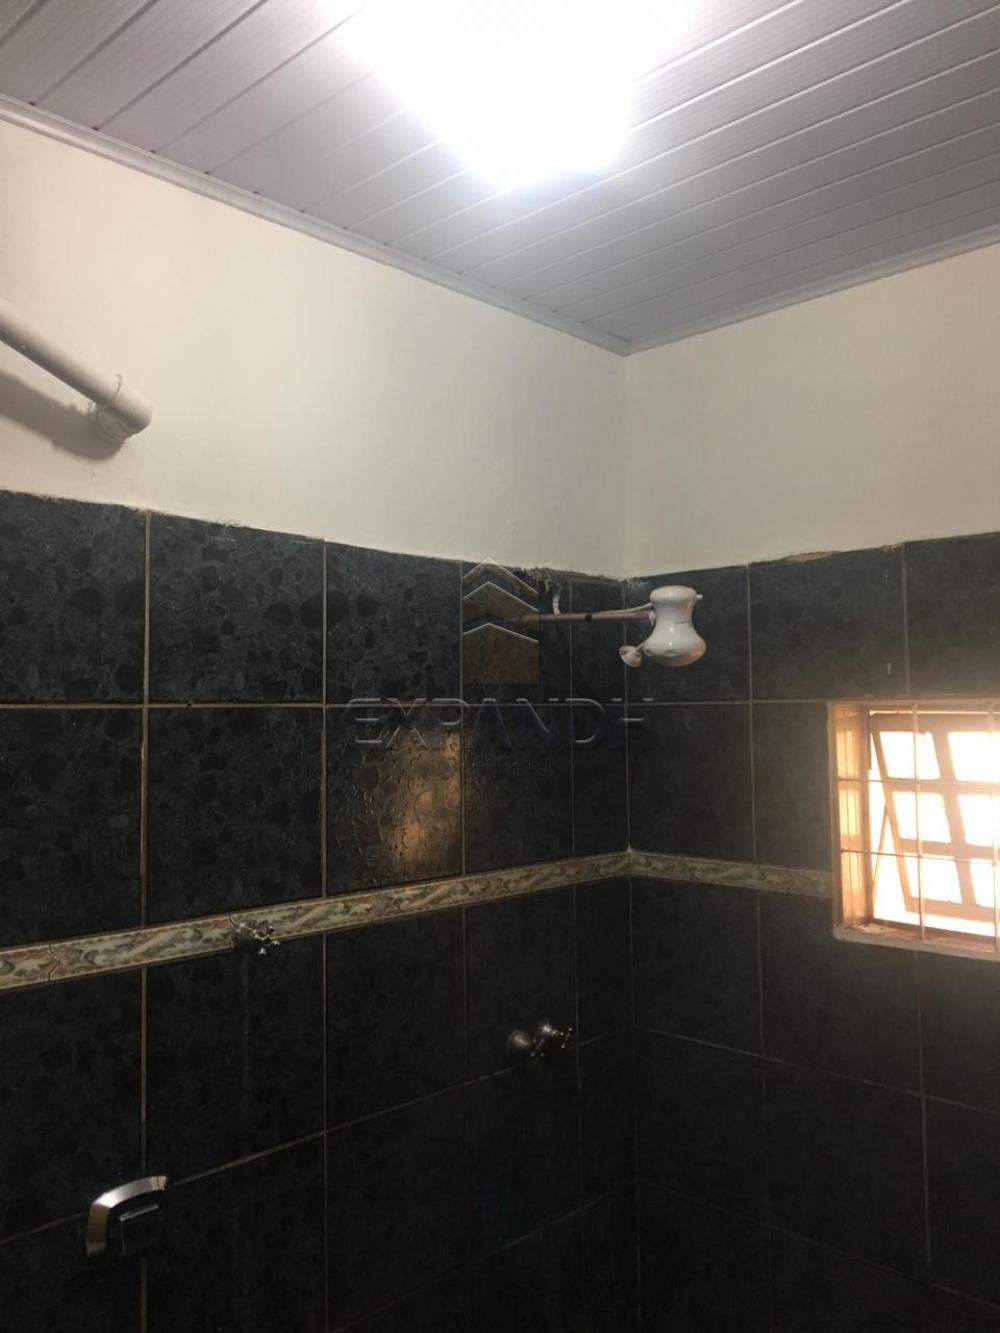 Alugar Casas / Padrão em Sertãozinho R$ 700,00 - Foto 18